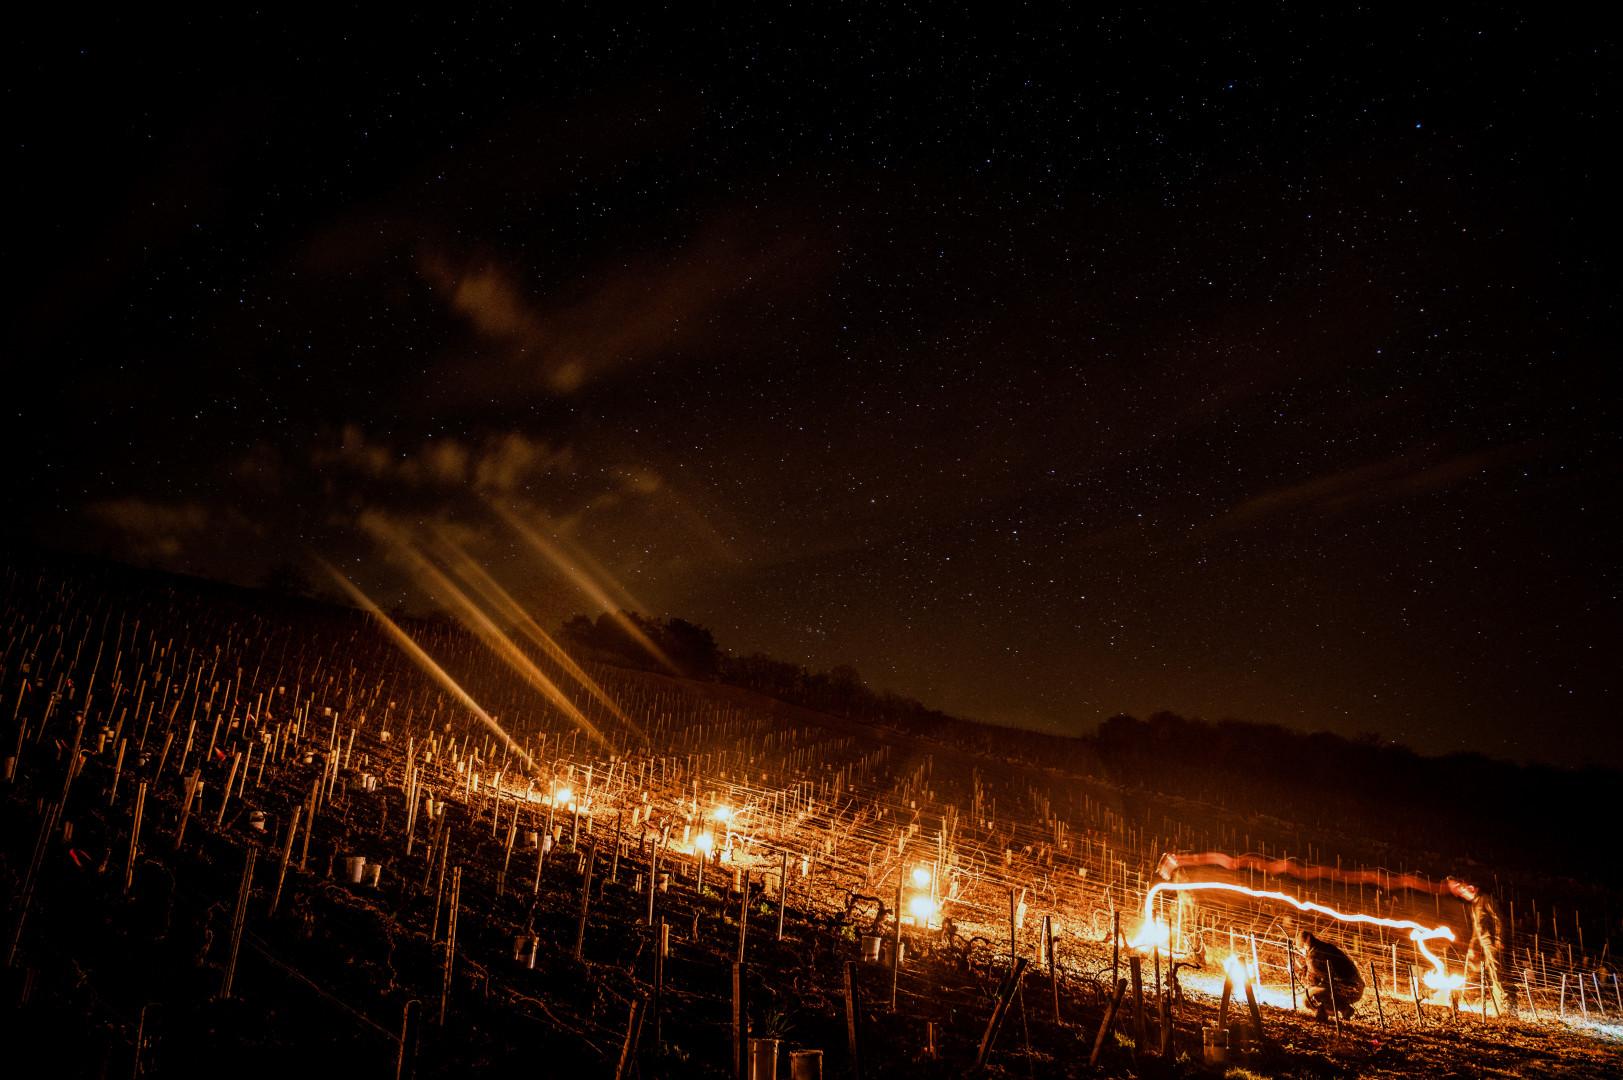 Un viticulteur dans son champ de vignes à Chablis (Yonne) en pleine nuit, les feux allumés, le 7 avril 2021